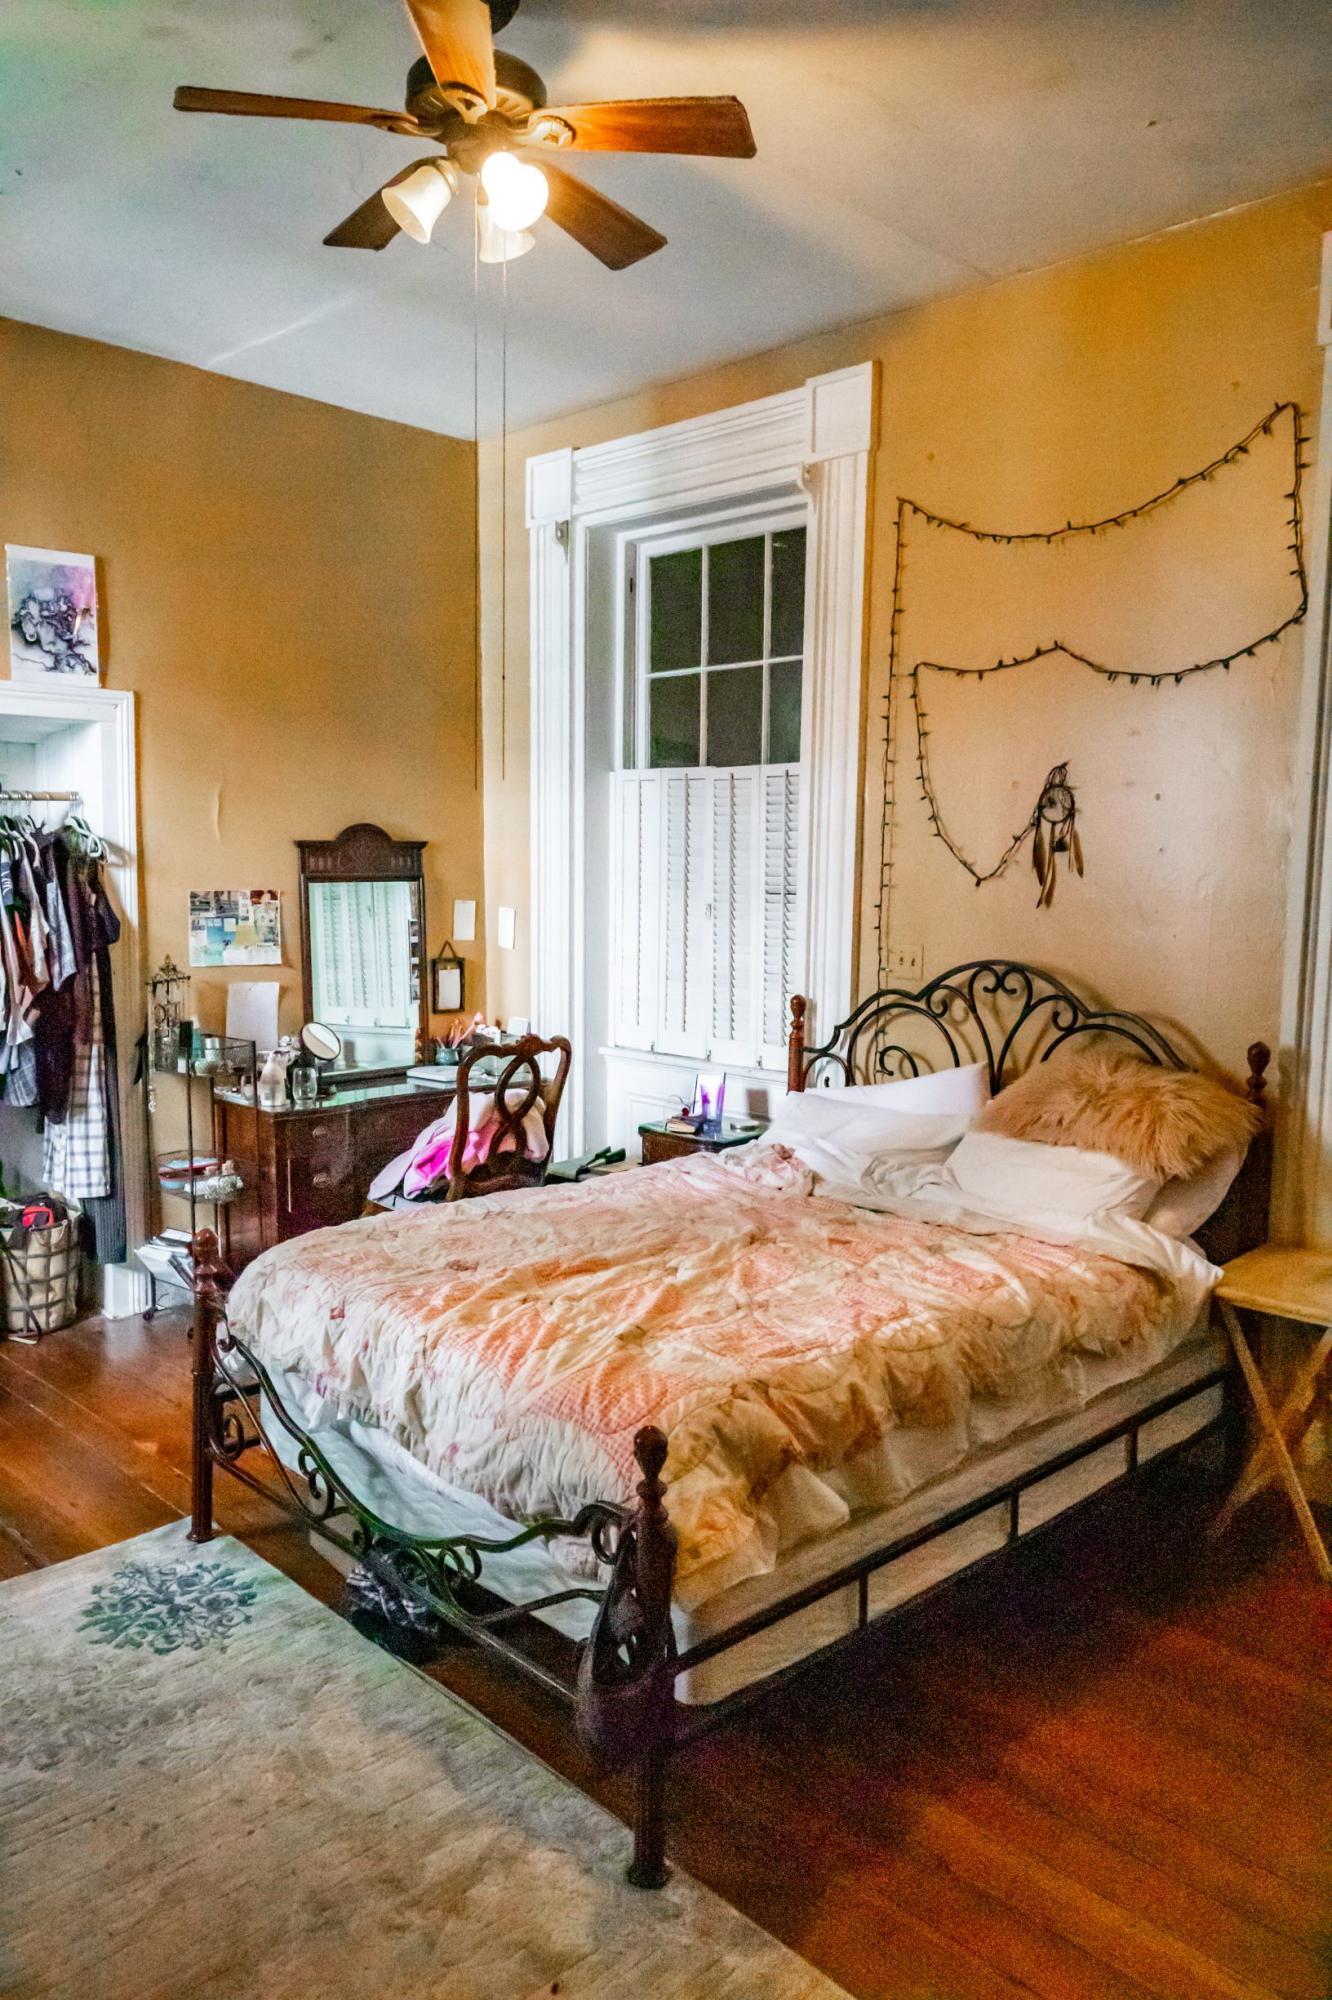 Harleston Village Homes For Sale - 157 Wentworth, Charleston, SC - 4